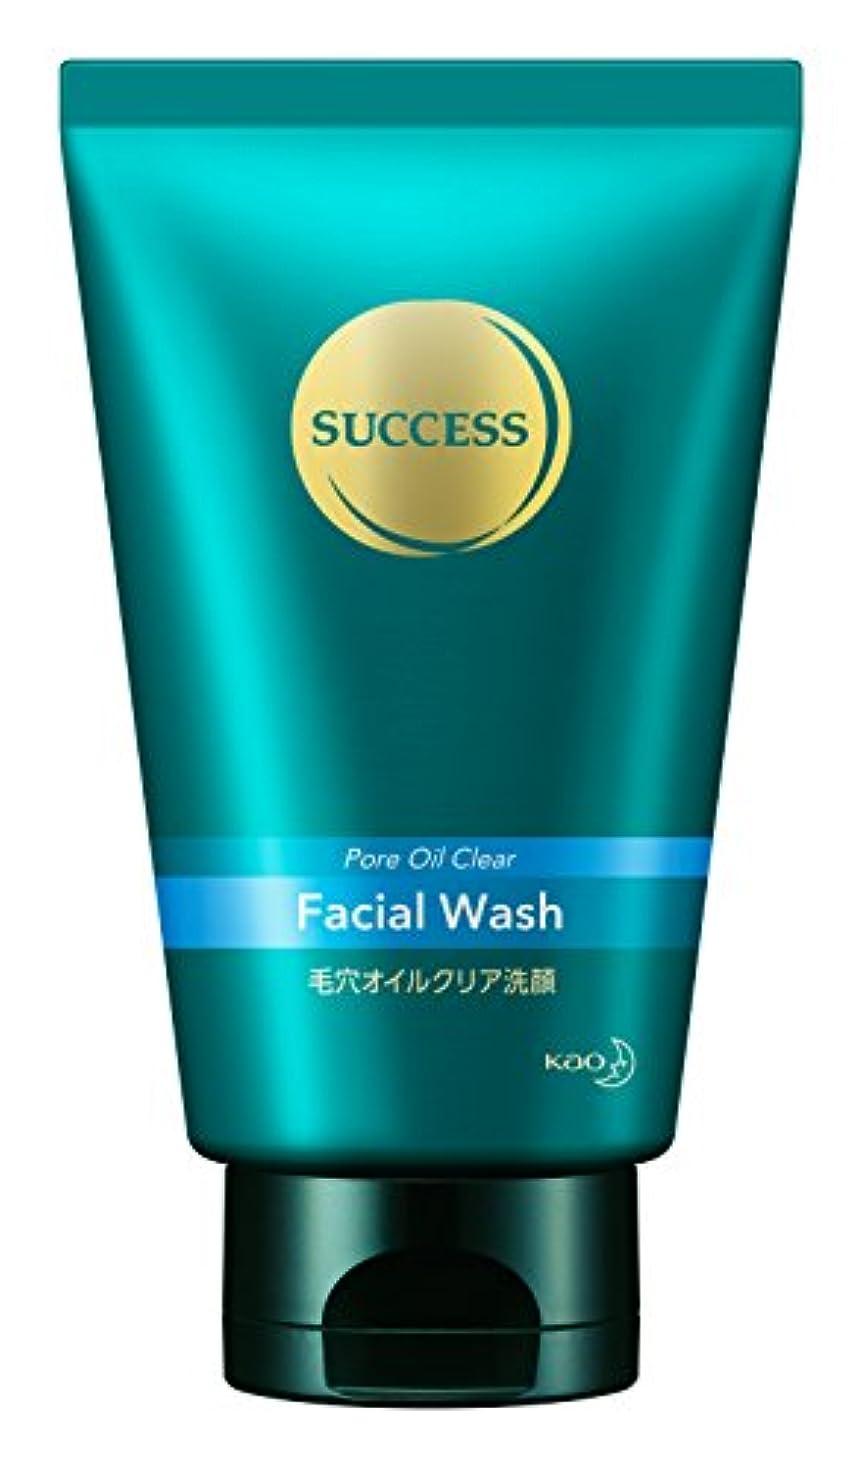 精度なめるスリッパサクセスフェイスケア 毛穴オイルクリア洗顔 120g